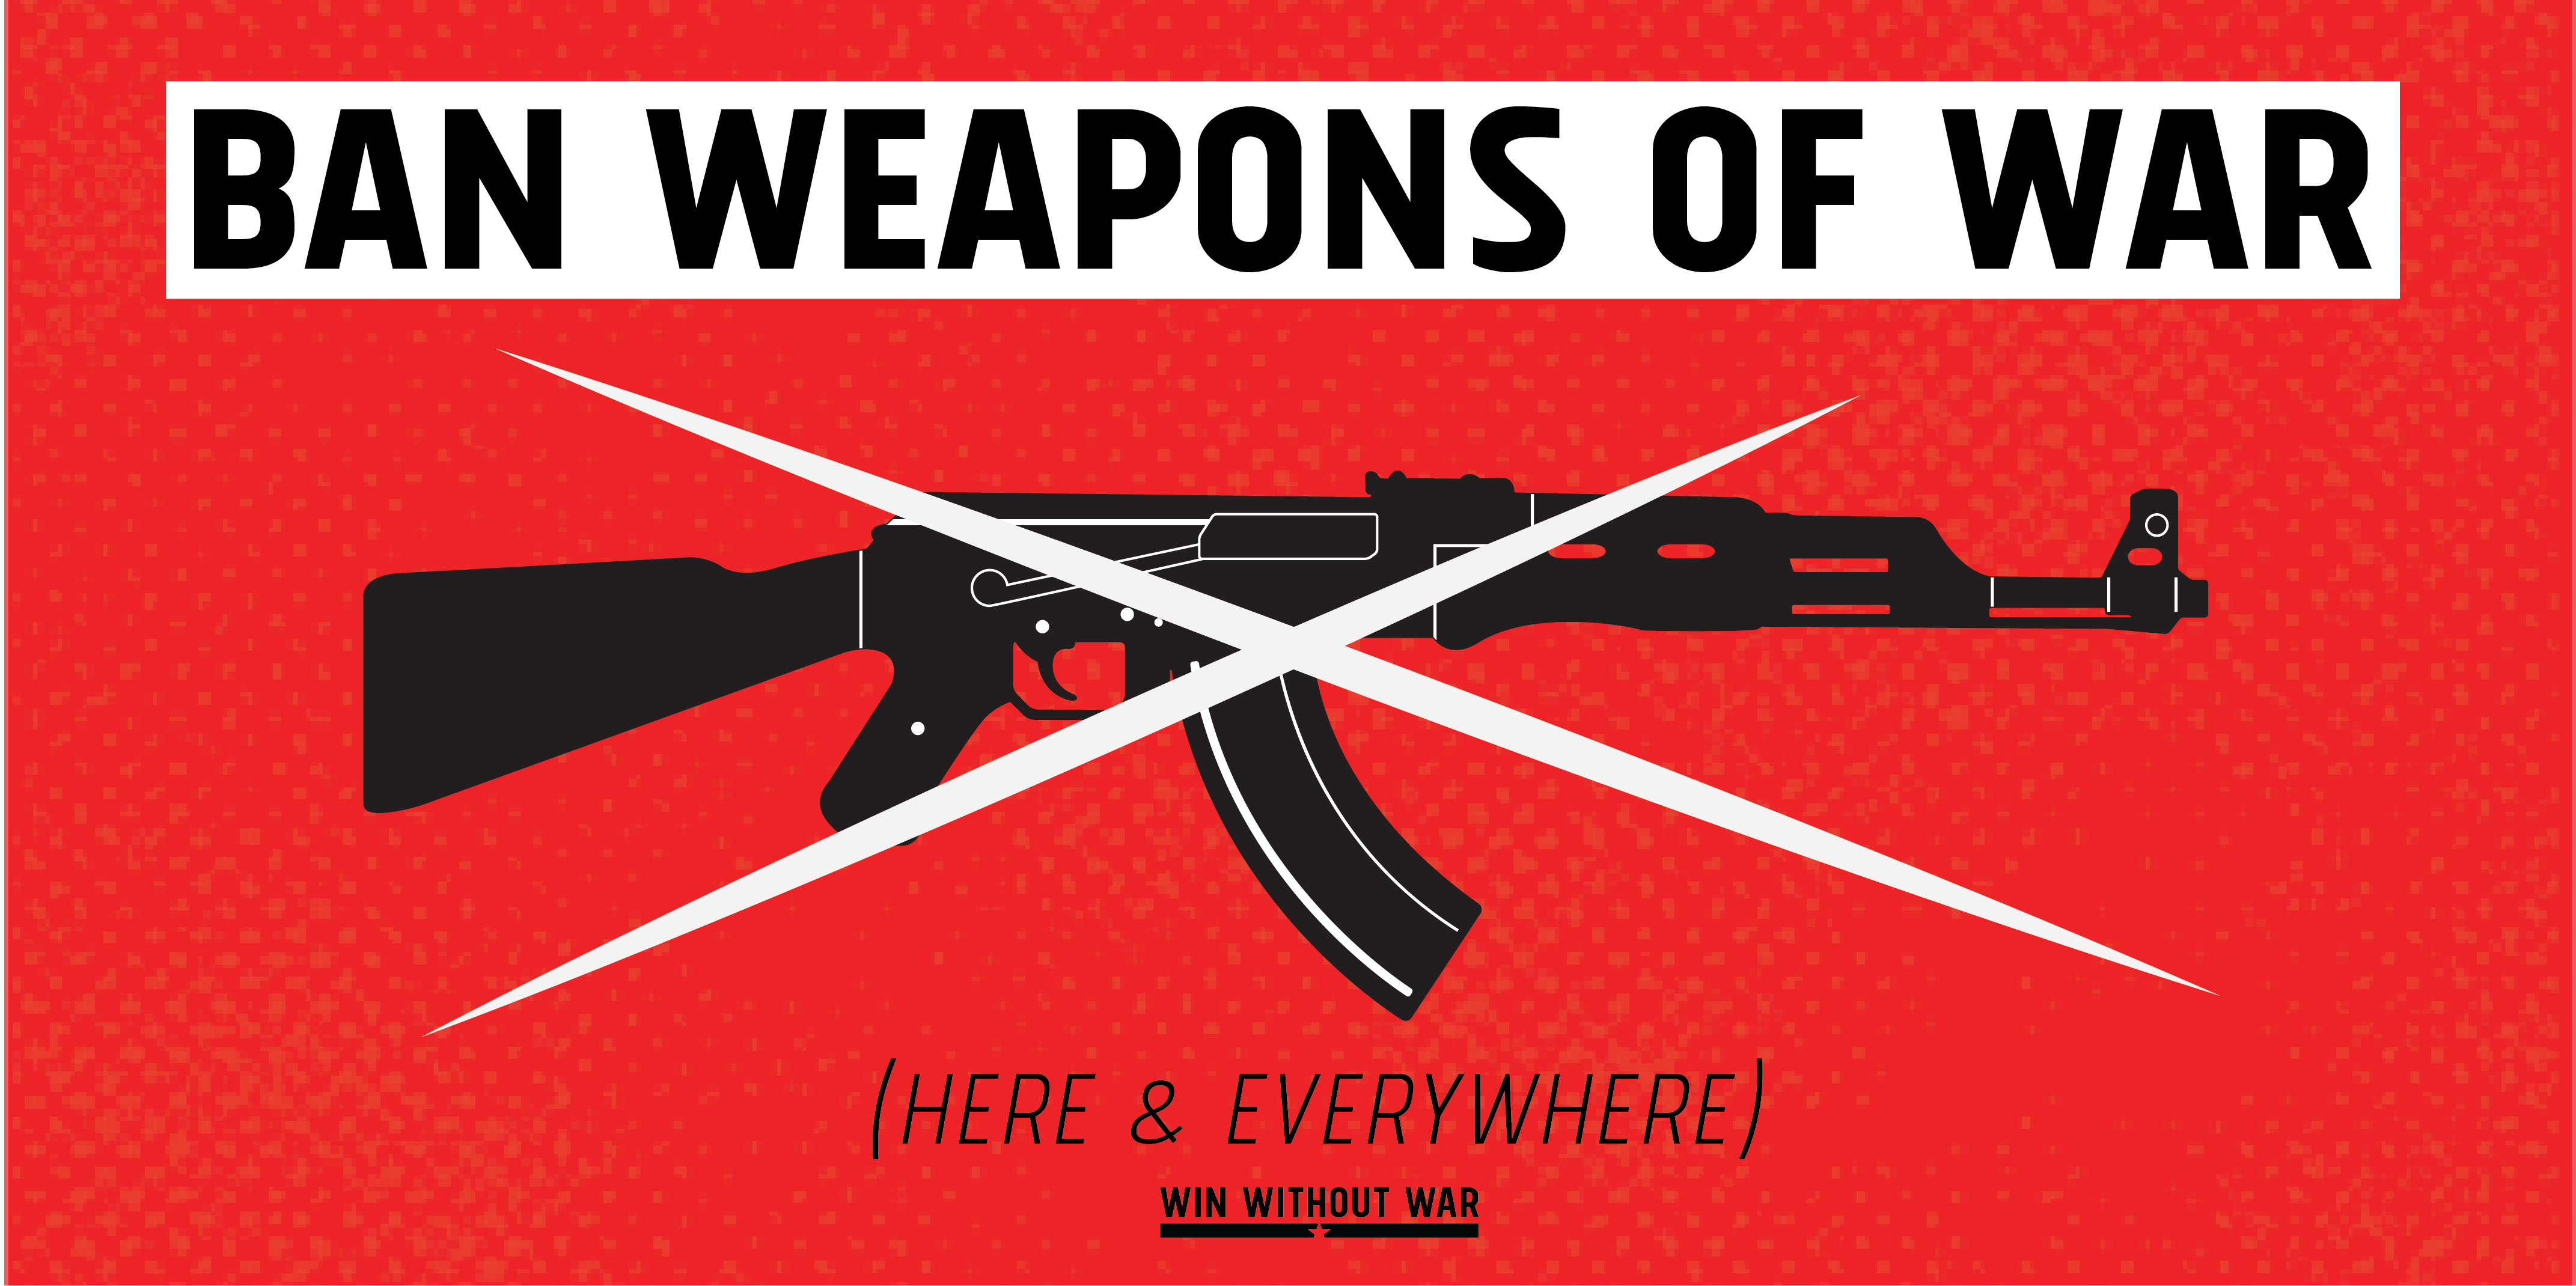 Tell Congress: Ban Weapons of War